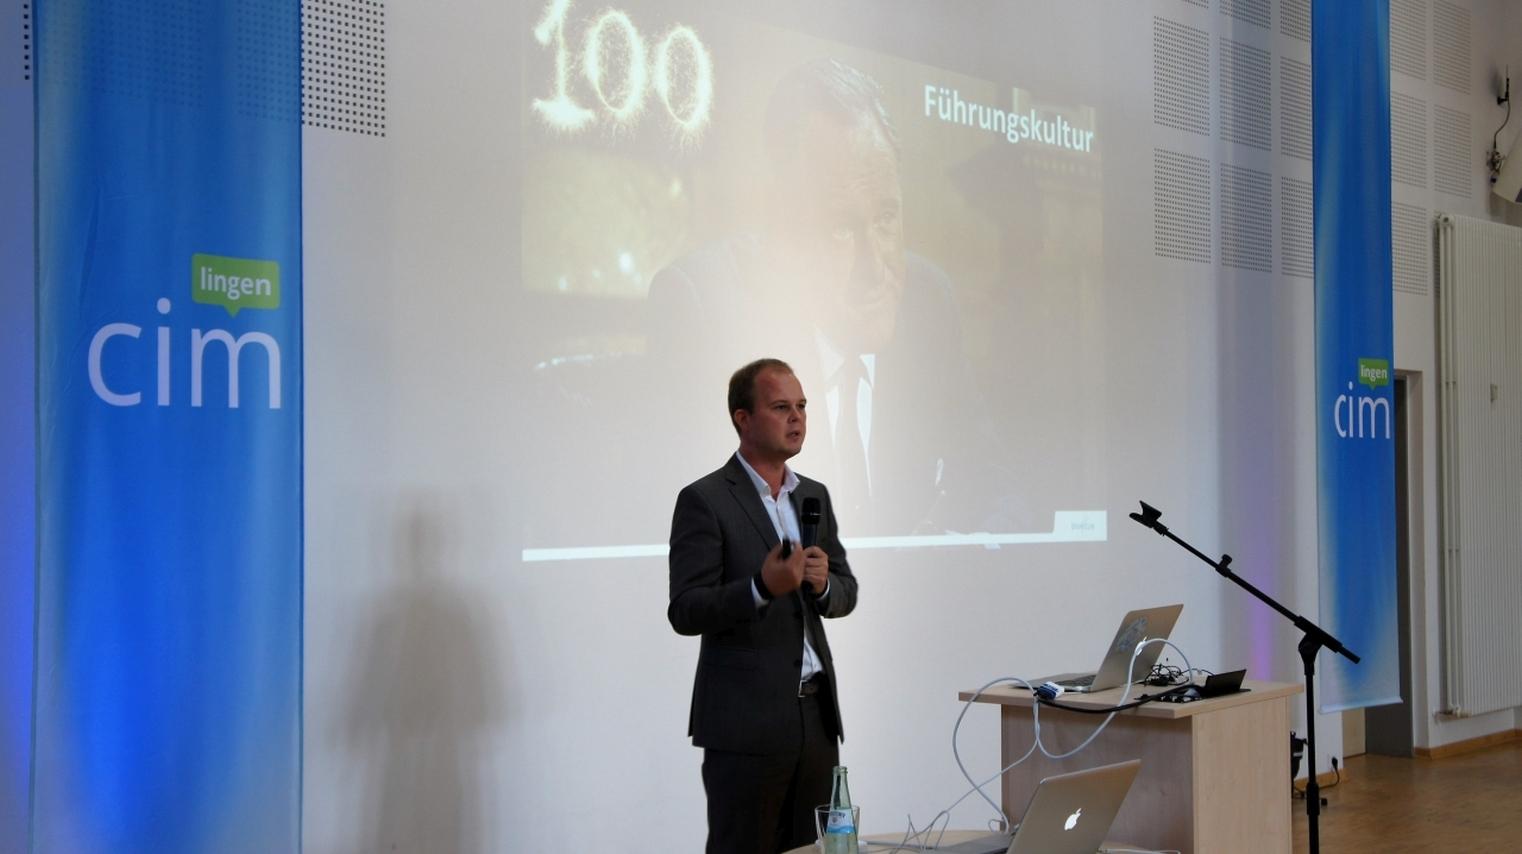 Nico Lüdemann auf der CIM Lingen 2016